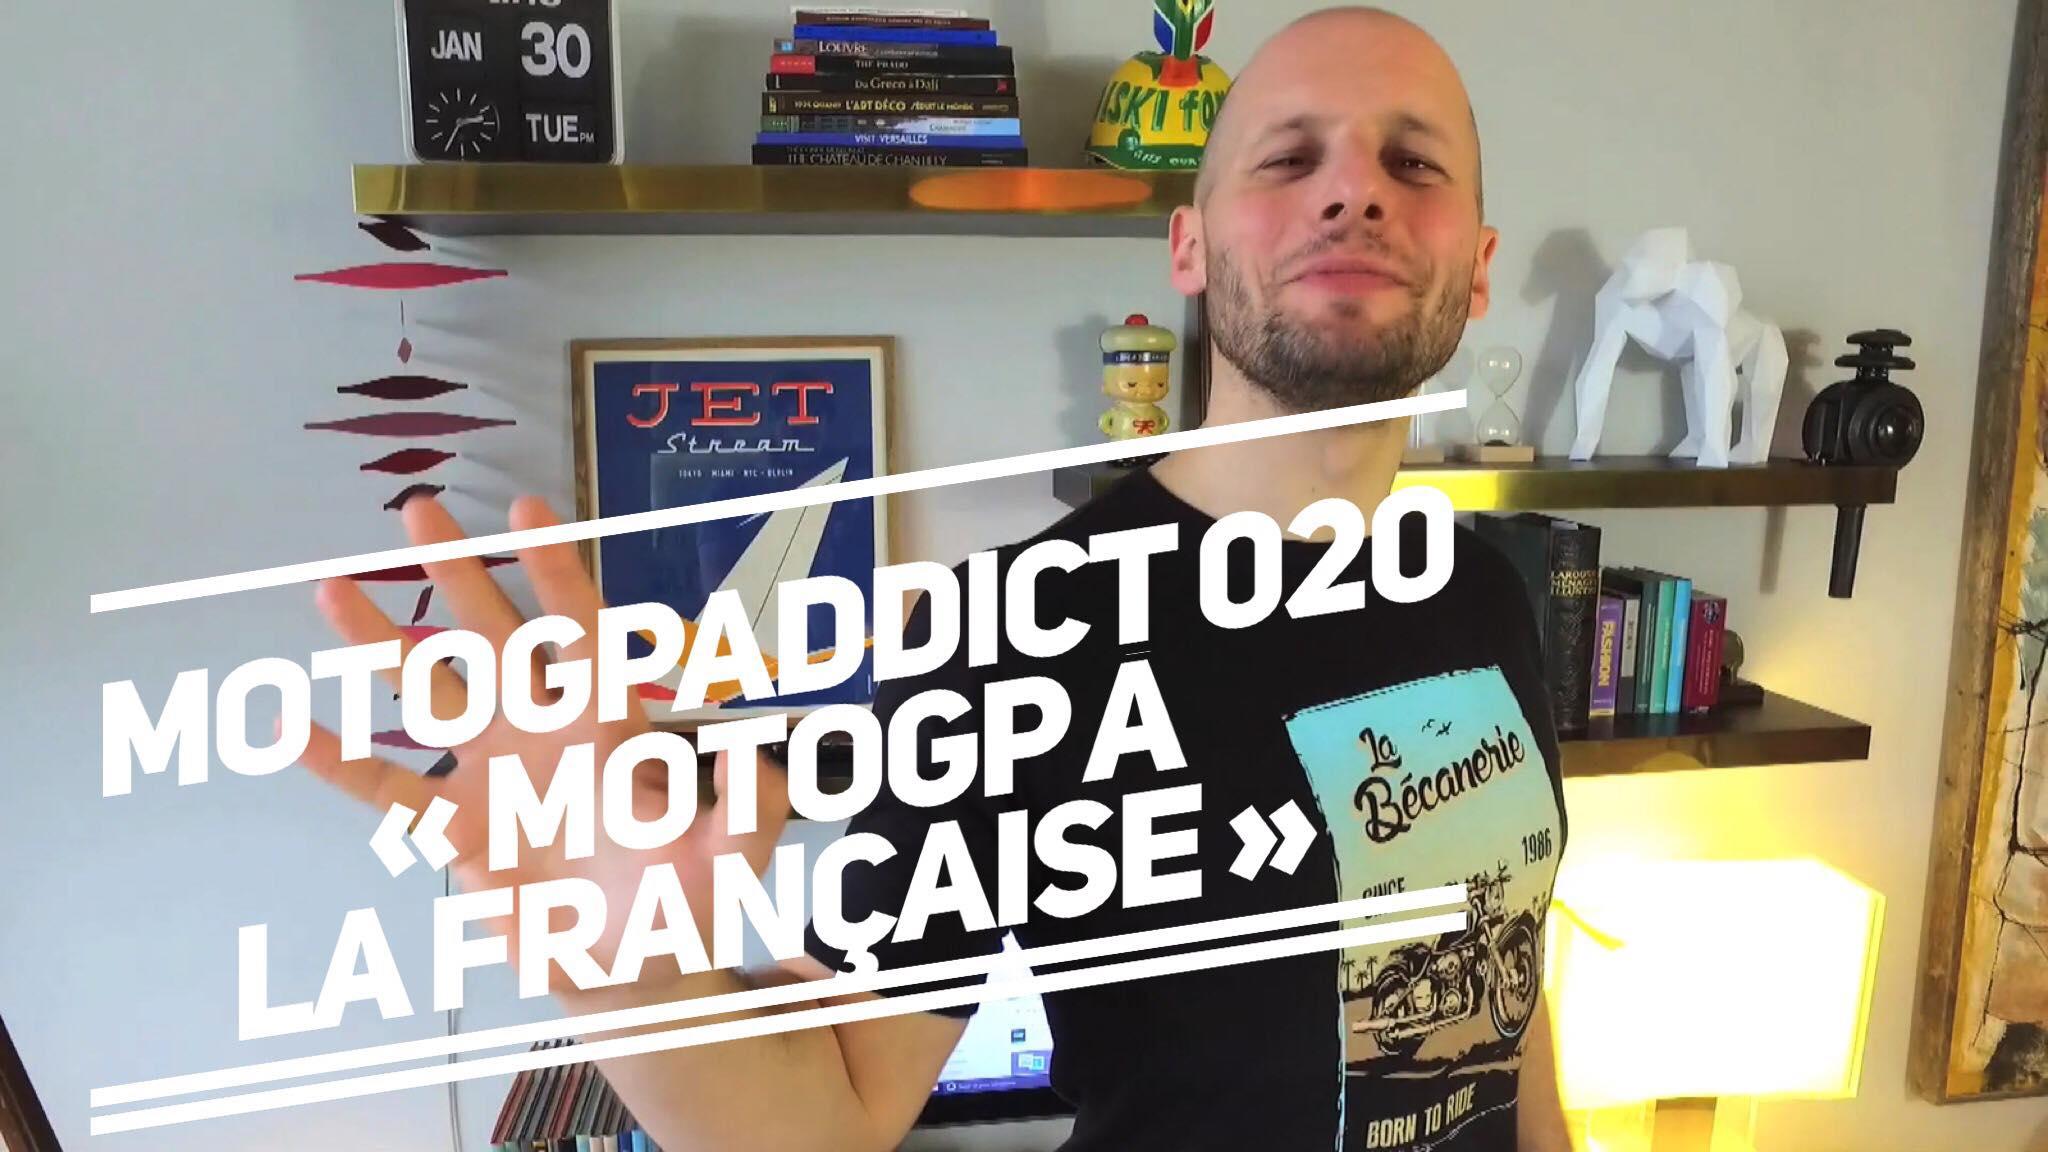 020 #MotoGPaddict - MotoGP à la française